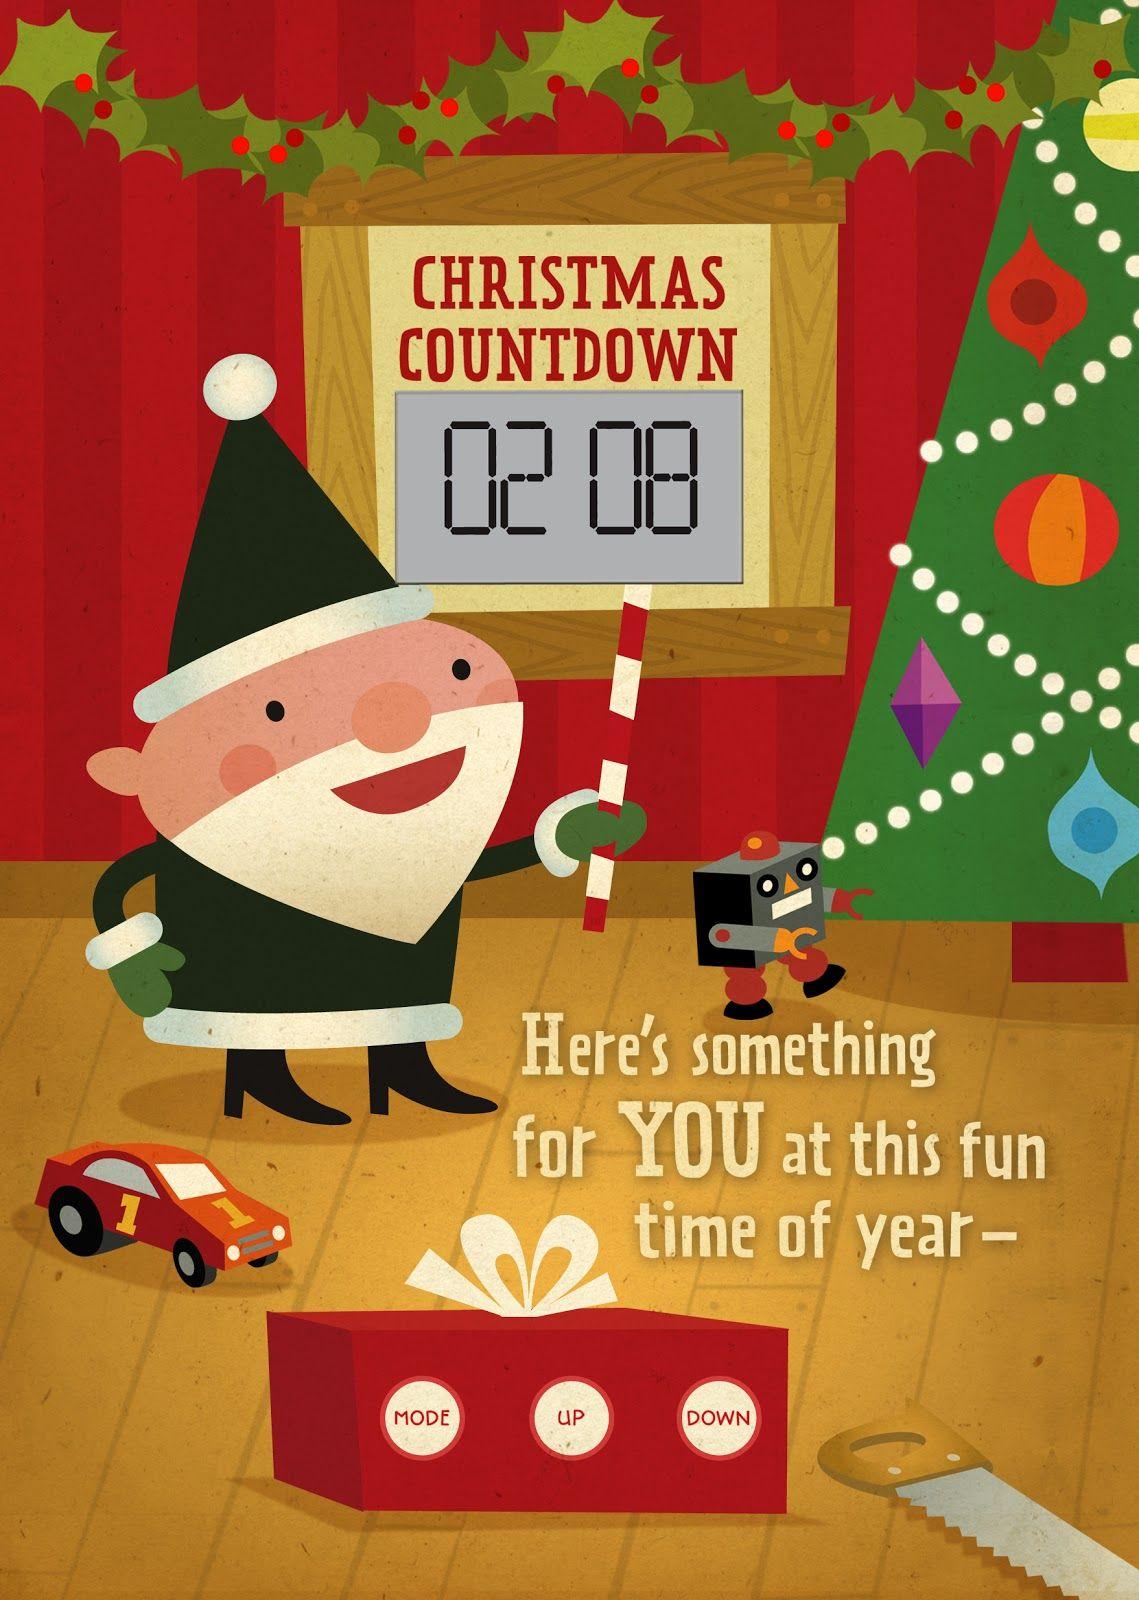 Hallmark Christmas Card Santa Doing A Digital Clock Countdown Christmas Card Online Christmas Card Images Hallmark Christmas Cards